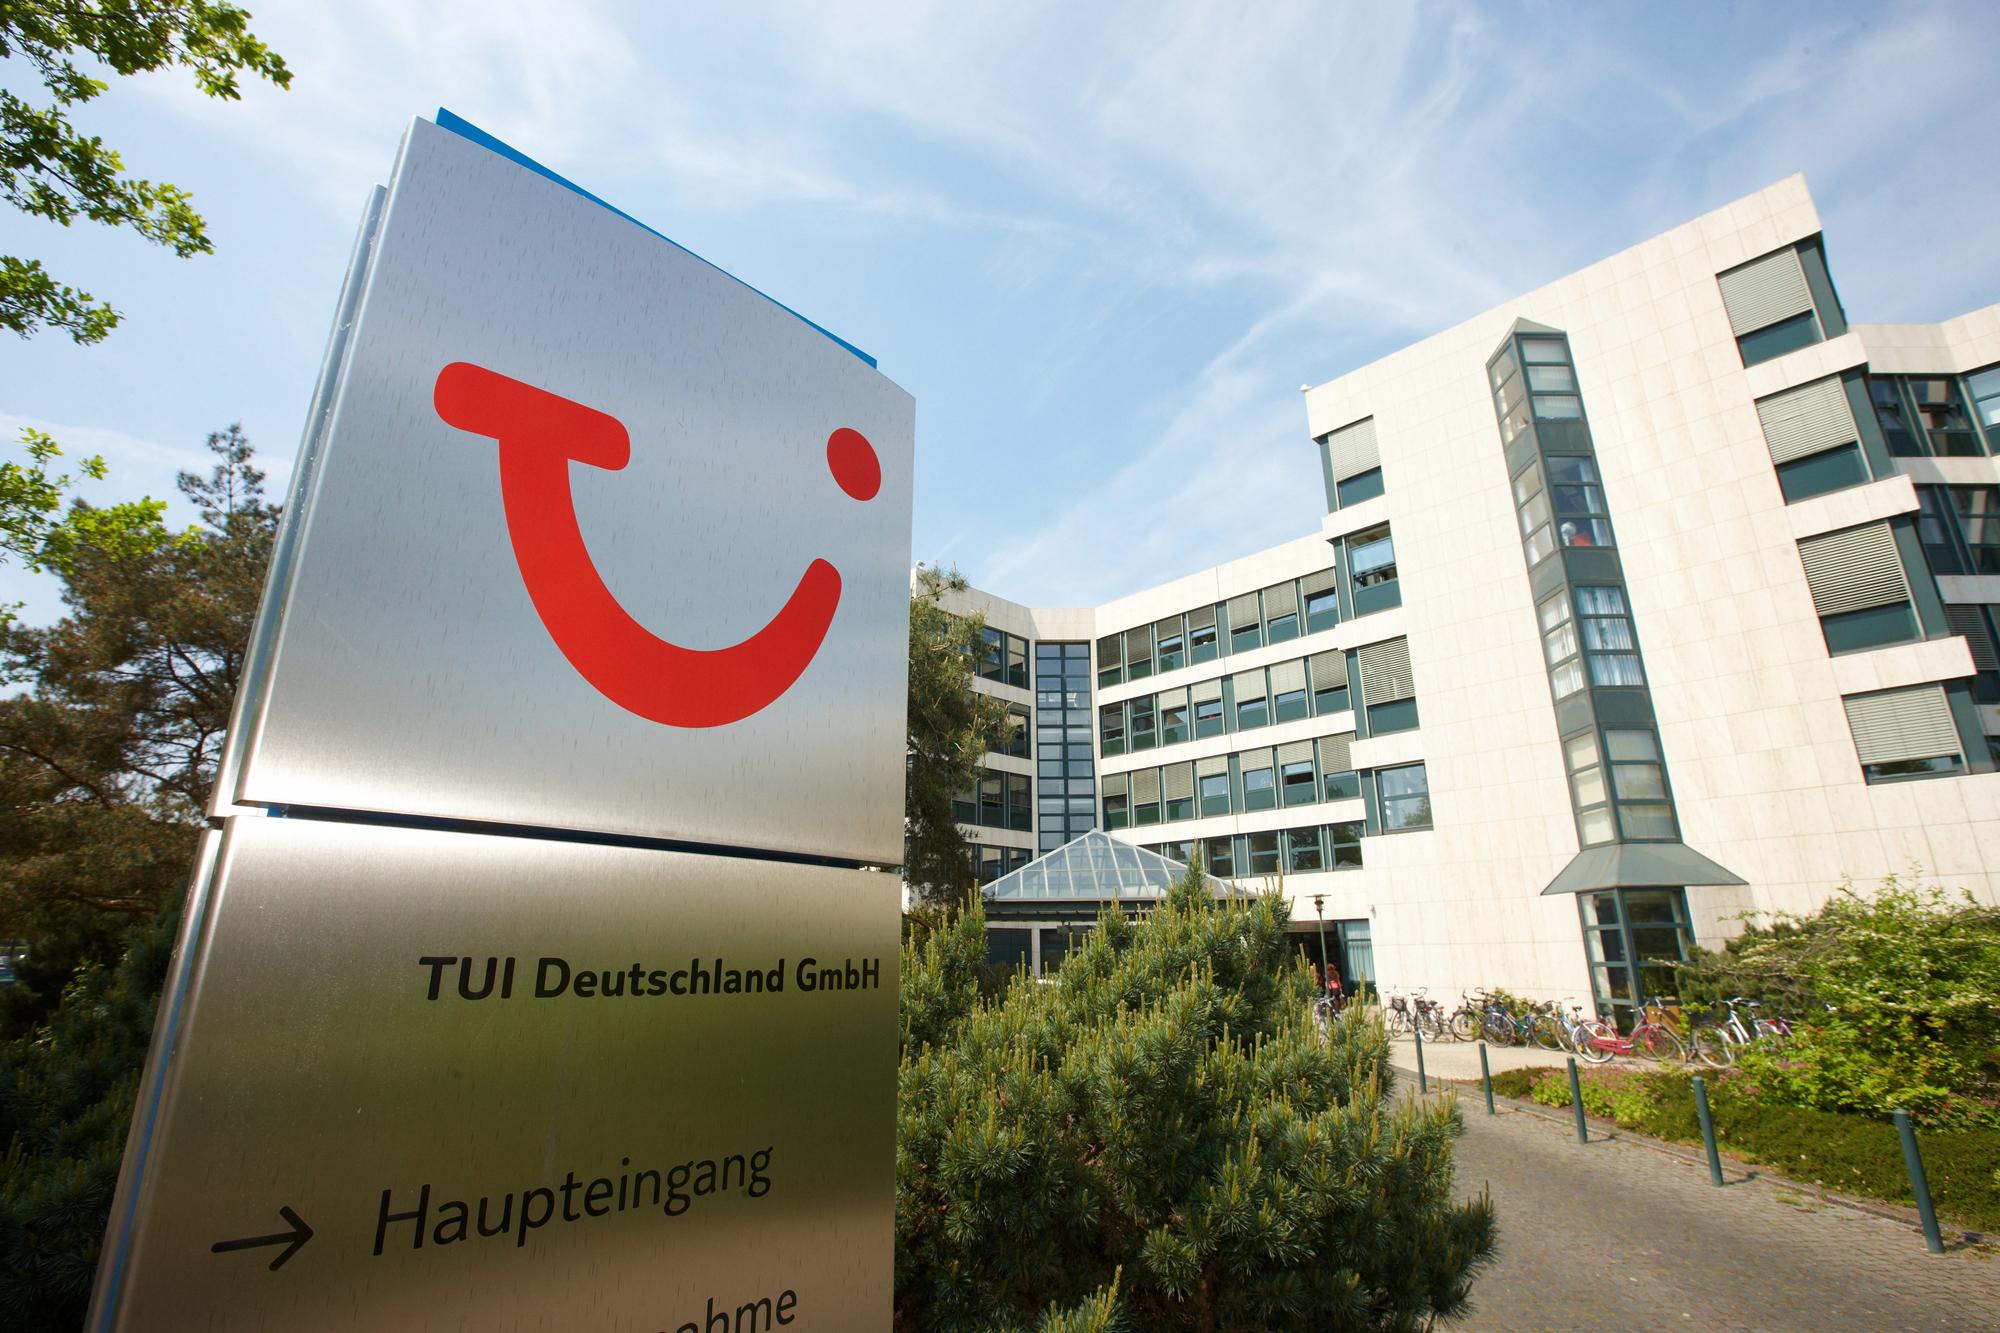 EU-Kommissionen har godkendt at Tyskland sammen med private investorer yder TUI Group et statslån på 9,3 milliarder kroner. Arkivpressefoto fra TUI.